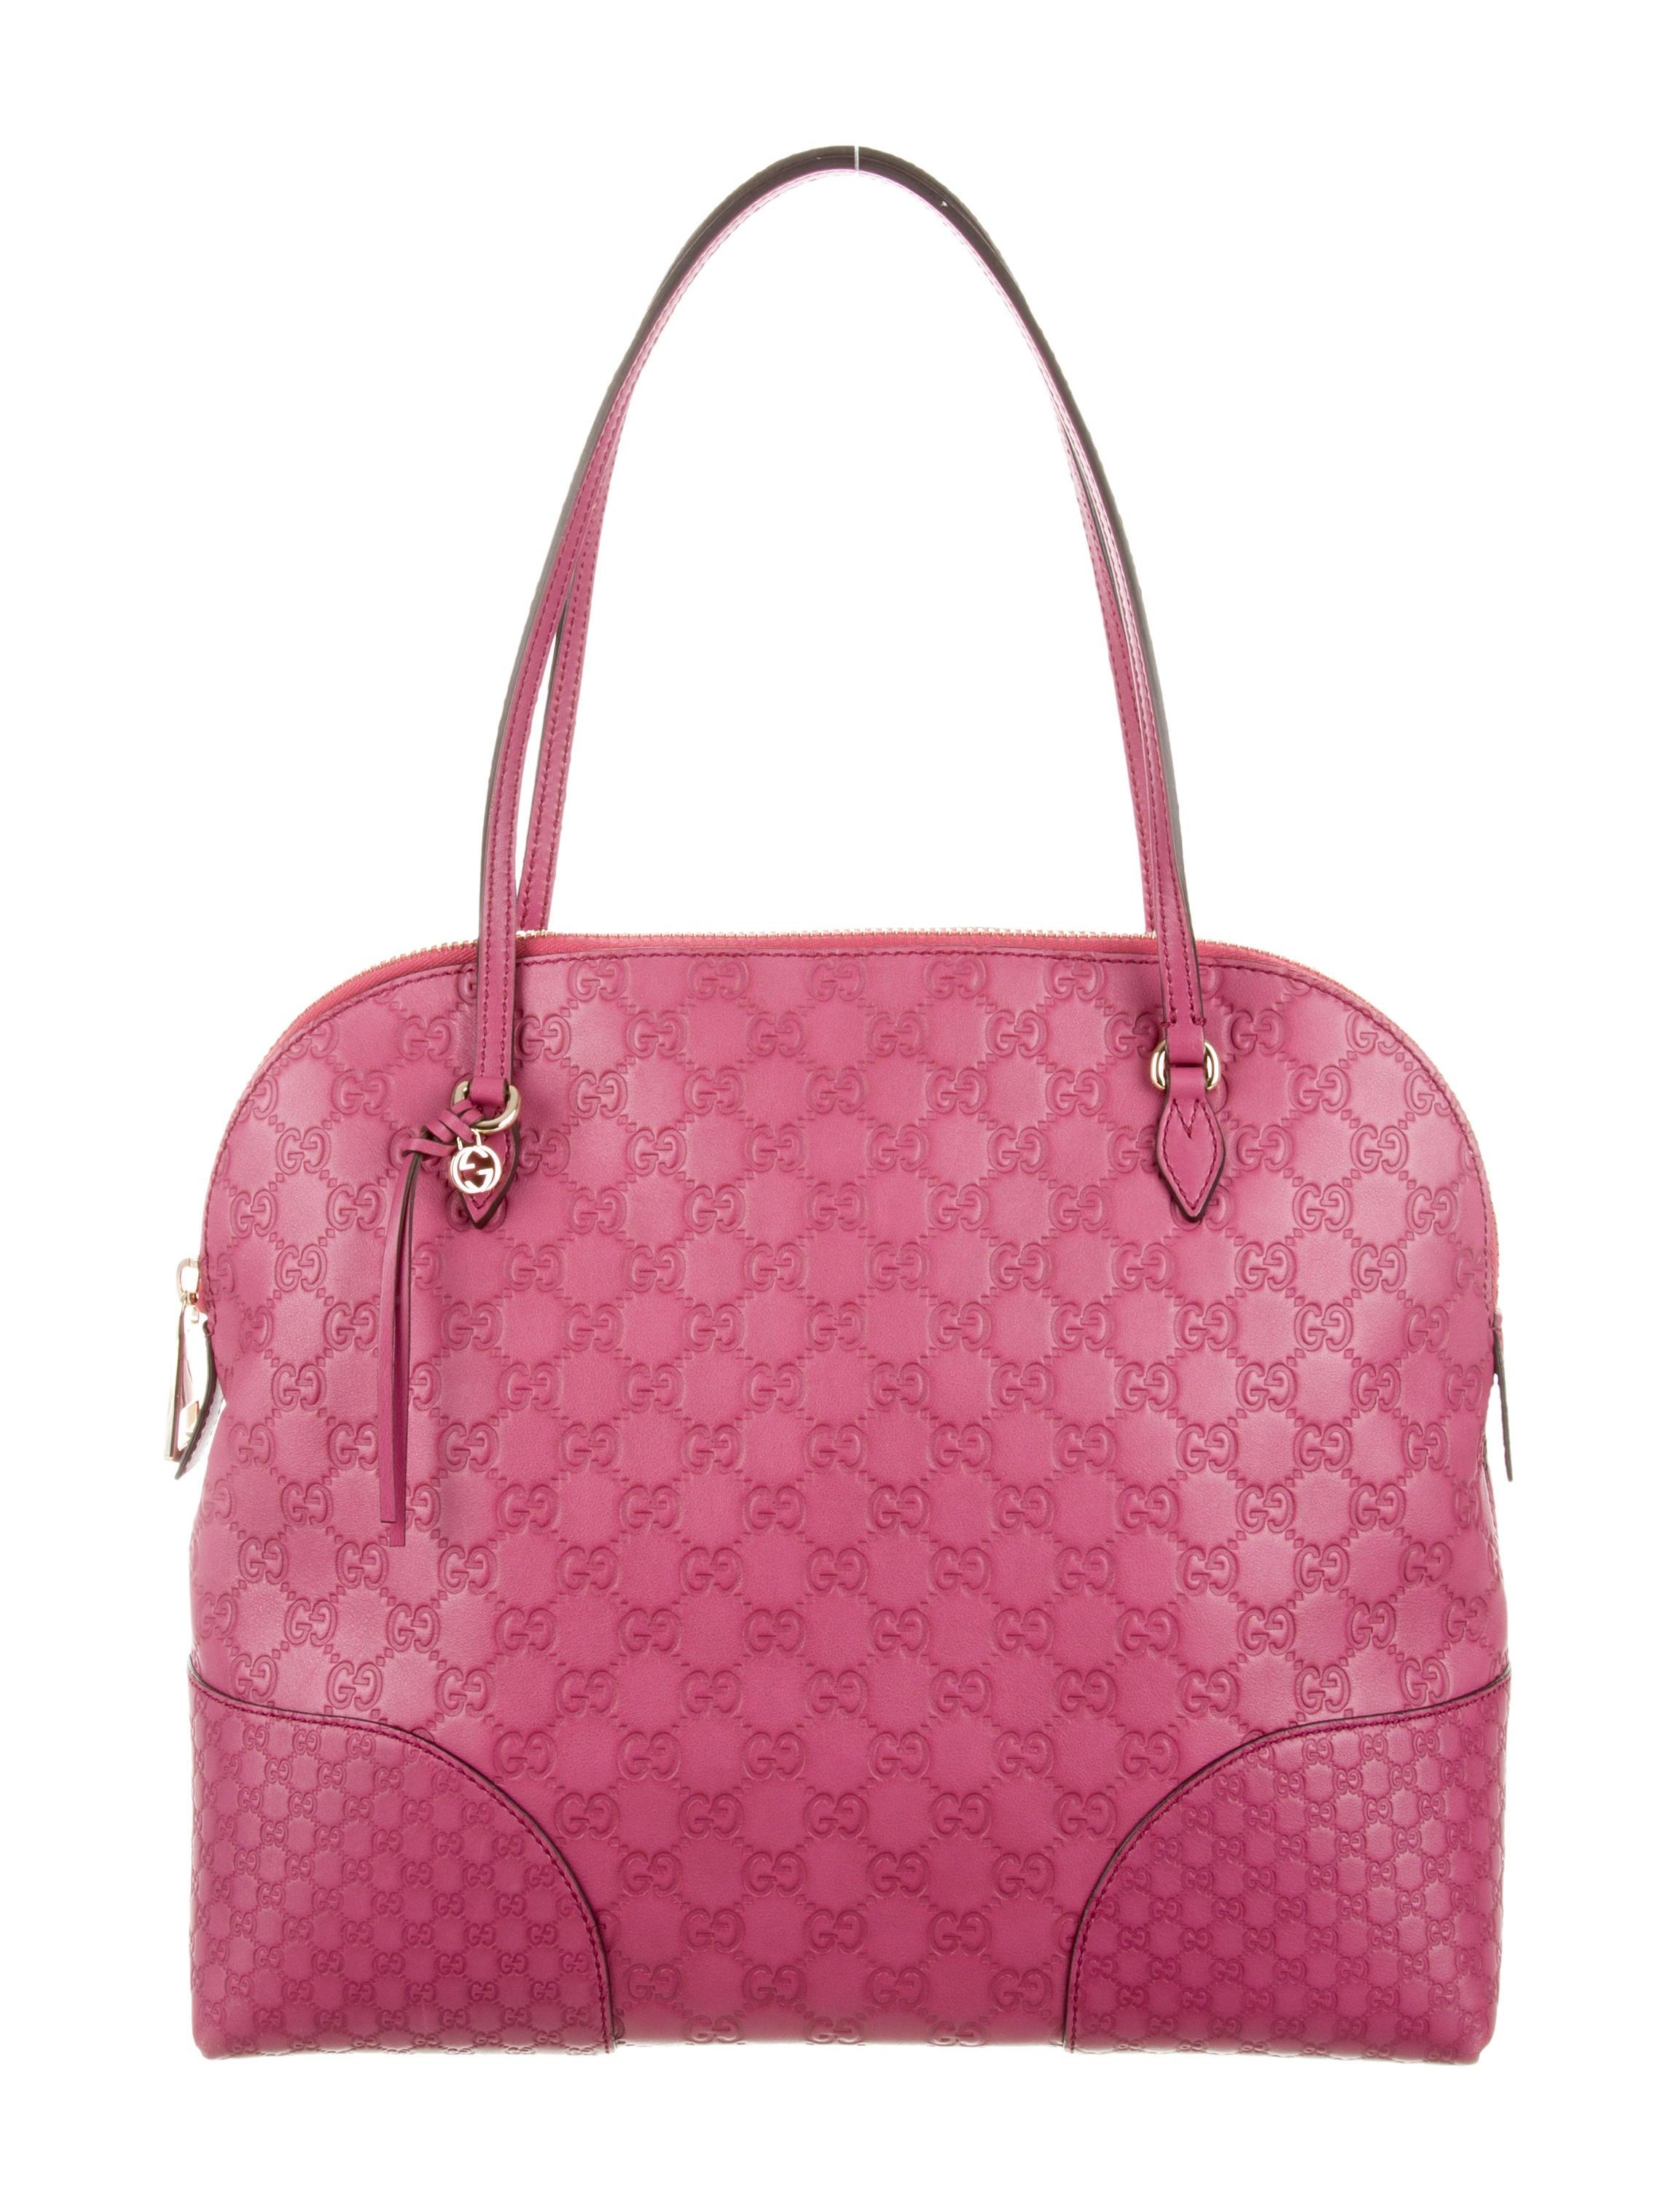 cdd017acfd3 Gucci Bree Guccissima Shoulder Bag - Handbags - GUC80266